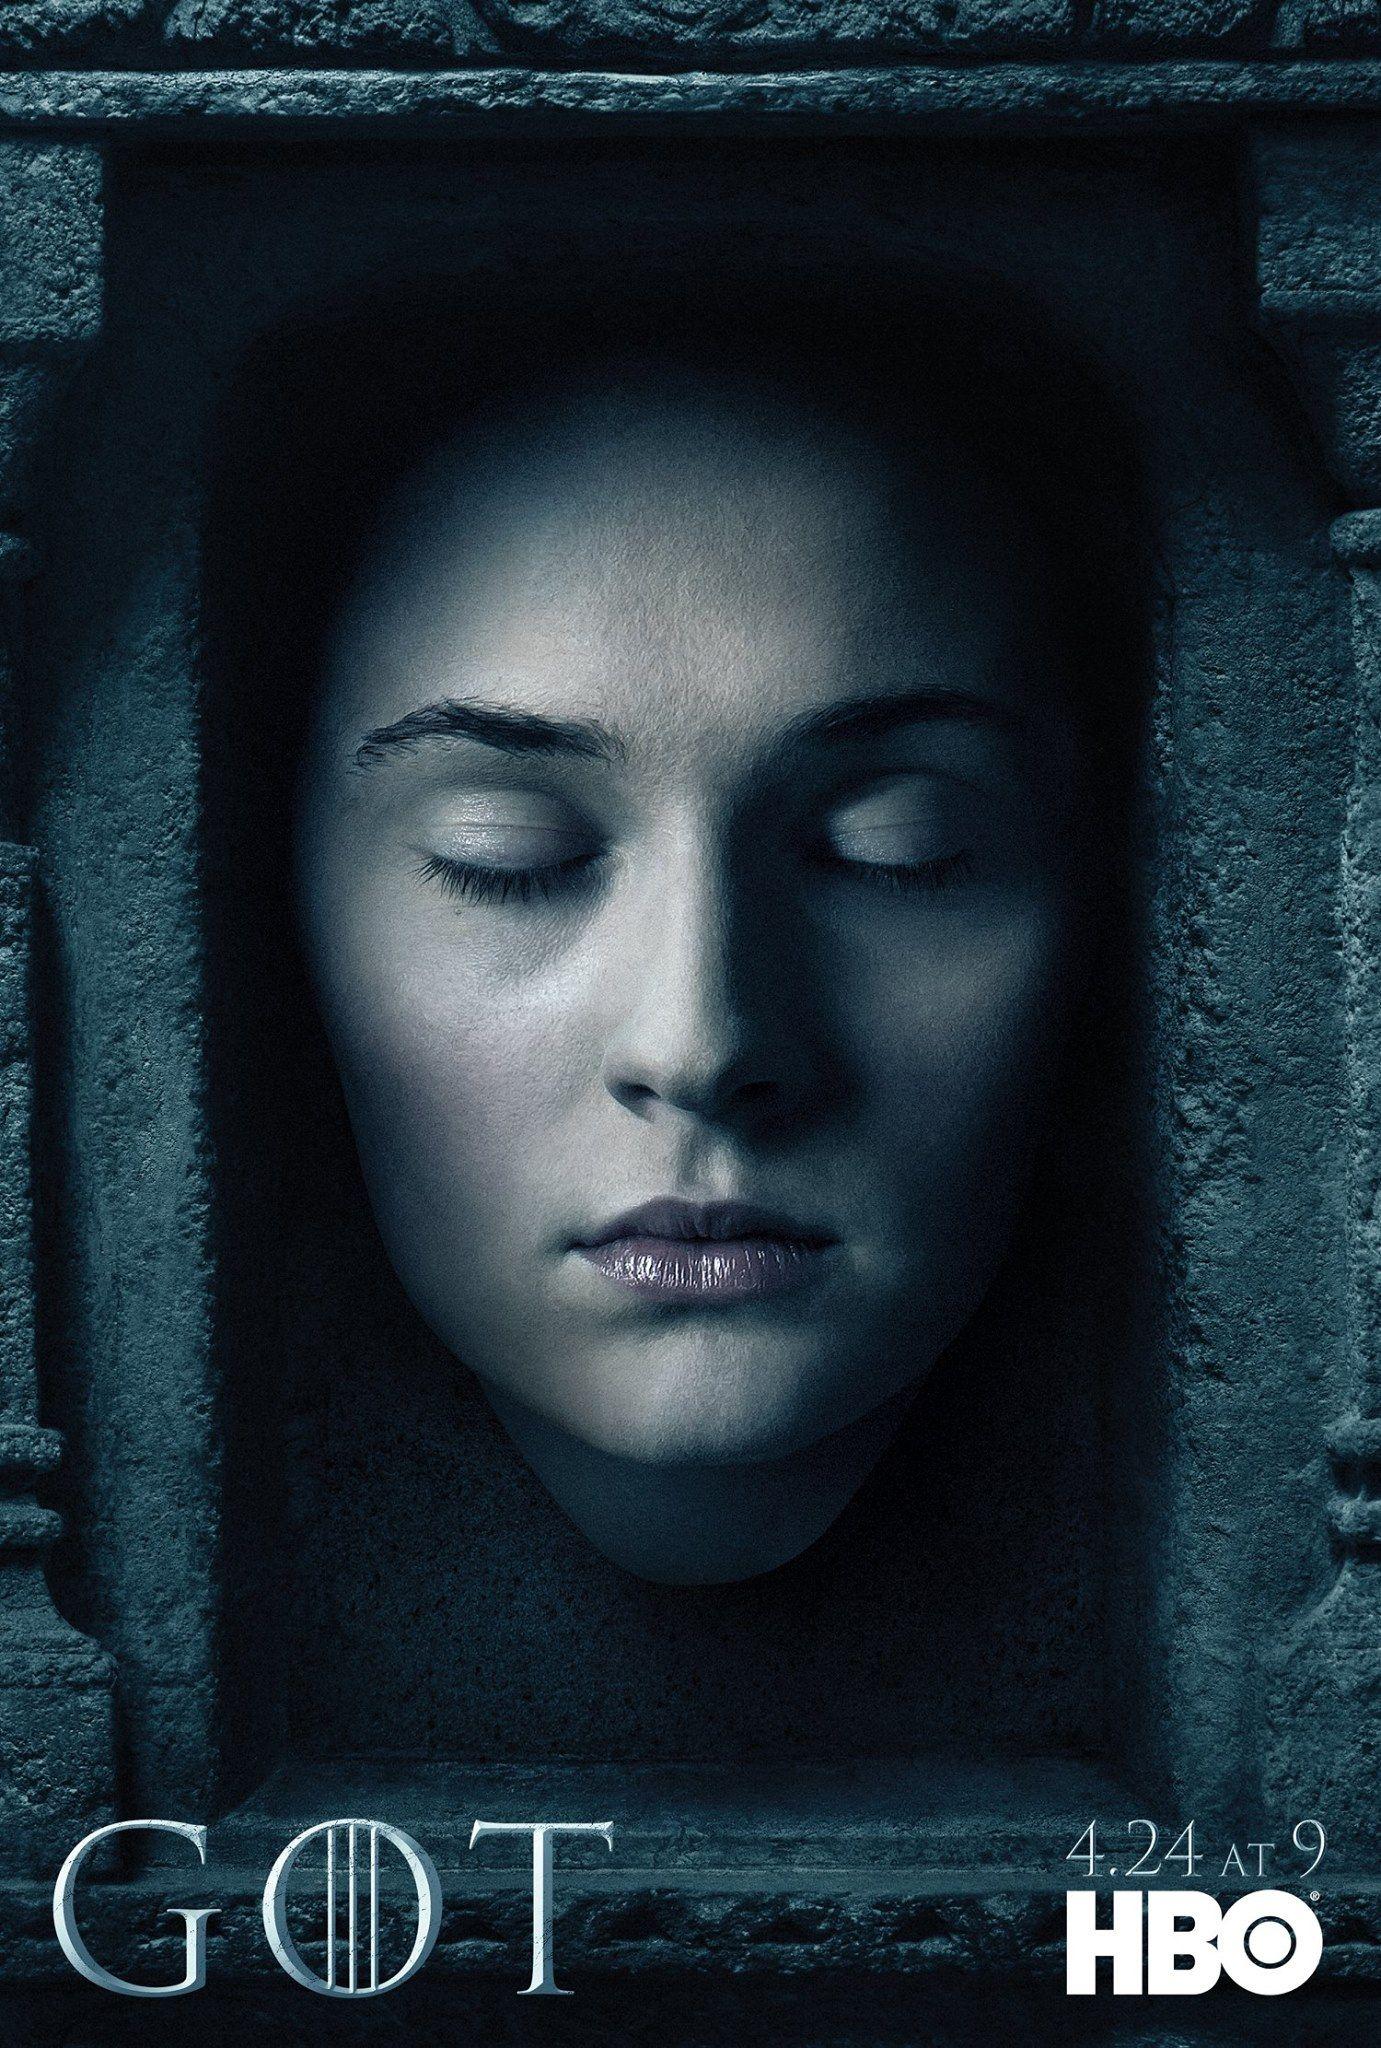 Game Of Thrones Character Posters Debut For Season 6 Juego De Tronos Game Of Thrones Cancion De Hielo Y Fuego